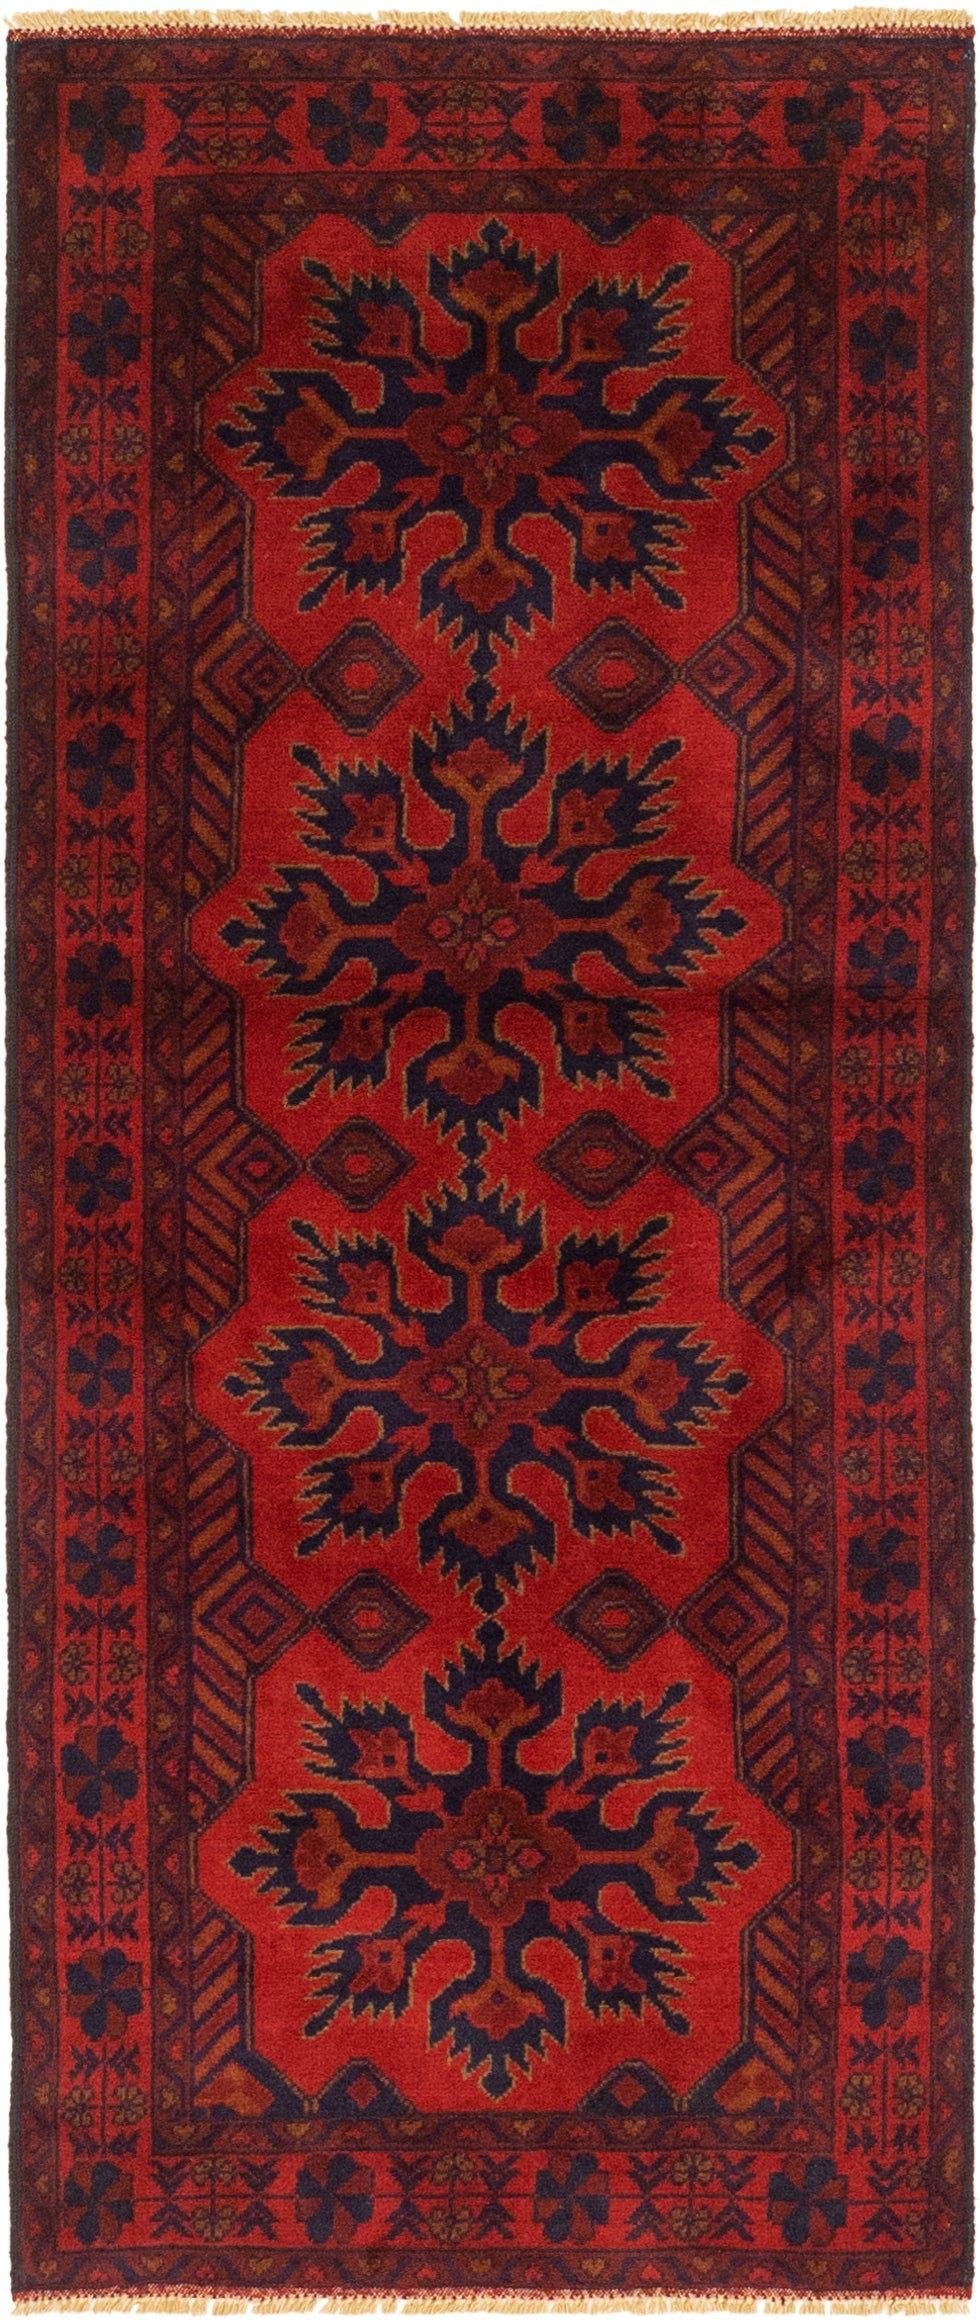 2' 8 x 6' 9 Khal Mohammadii Runner Rug main image